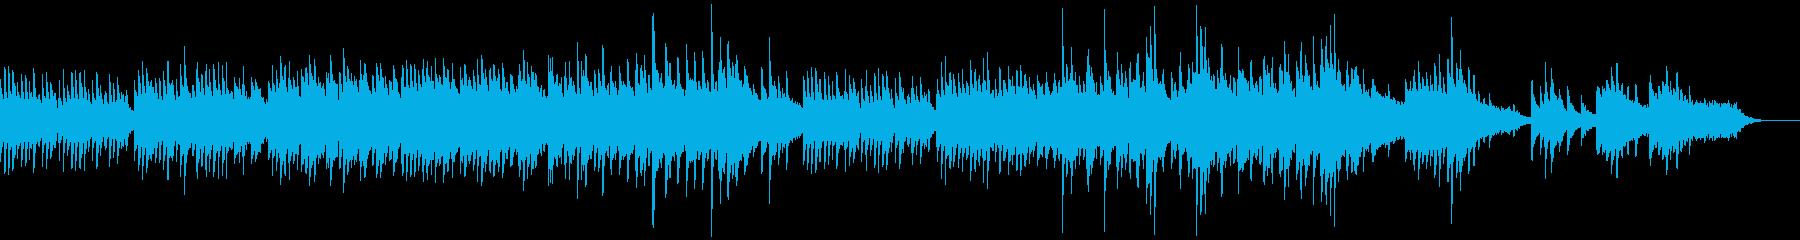 映像・ナレーション用ピアノ演奏(癒し)の再生済みの波形